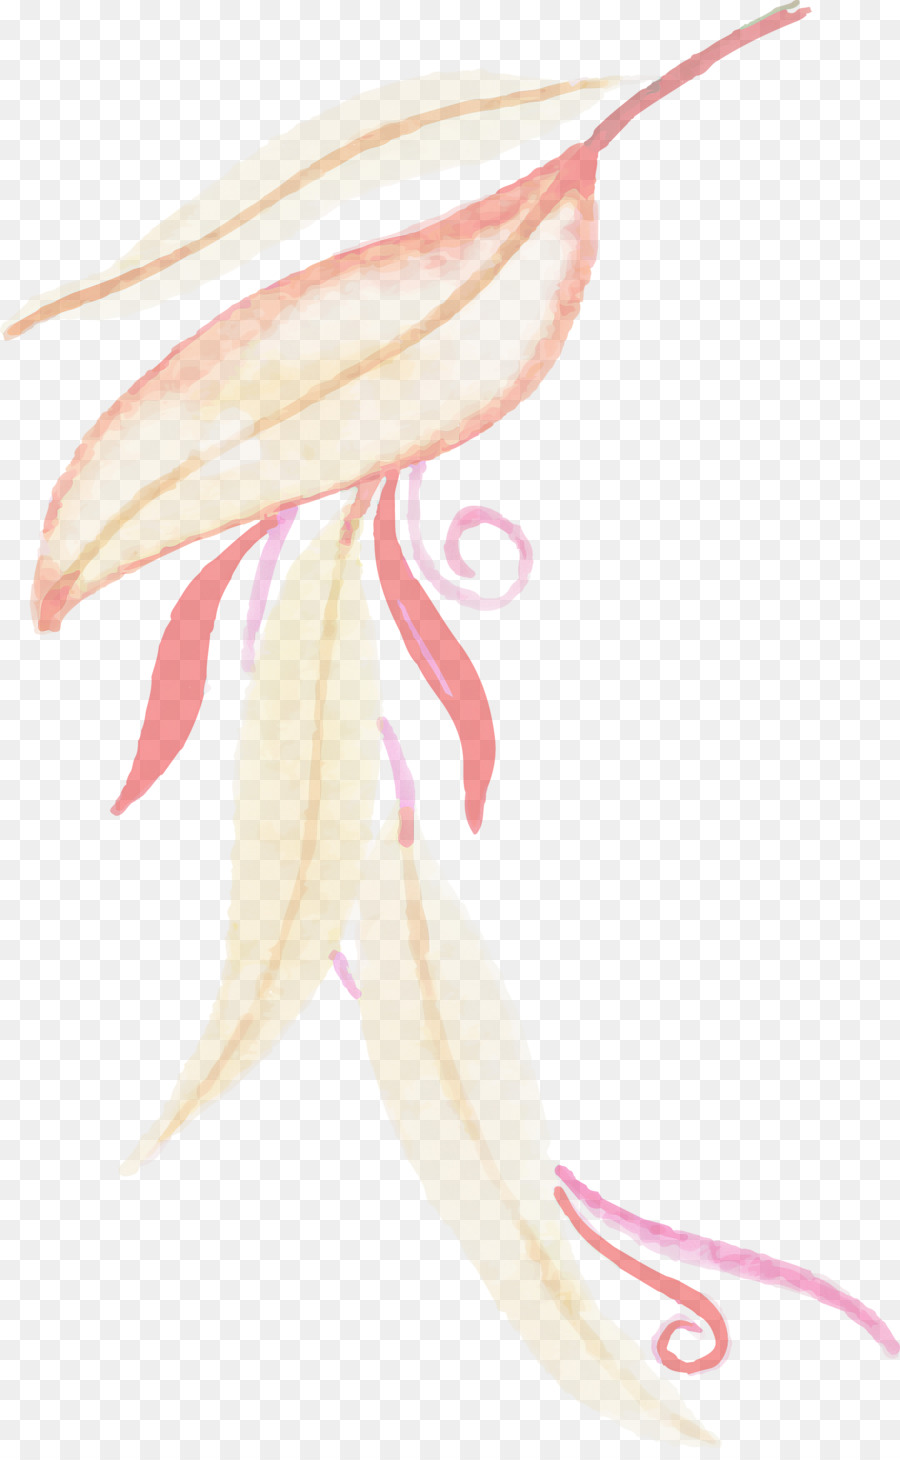 Descarga gratuita de Flor, Dibujo, M02csf Imágen de Png